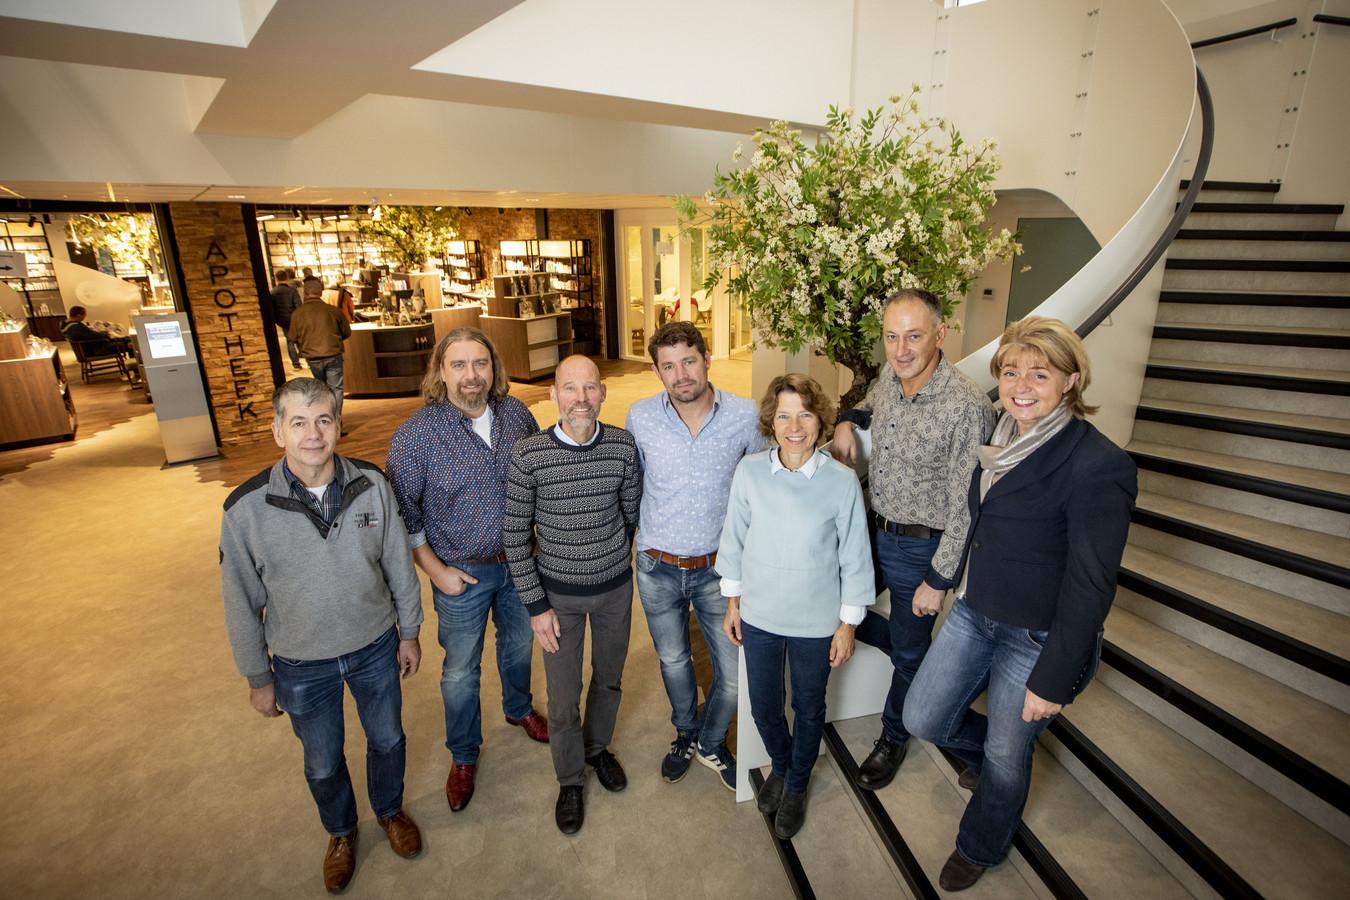 De initiatiefnemers voor nieuw medisch centrum in Denekamp. Van links naar rechts: Henk Joosten, Dennis Olde Riekerink, Marcel Klamer, Adam Kok, Karin Klamer, Gerard Koekkoek en Gita Koekkoek.